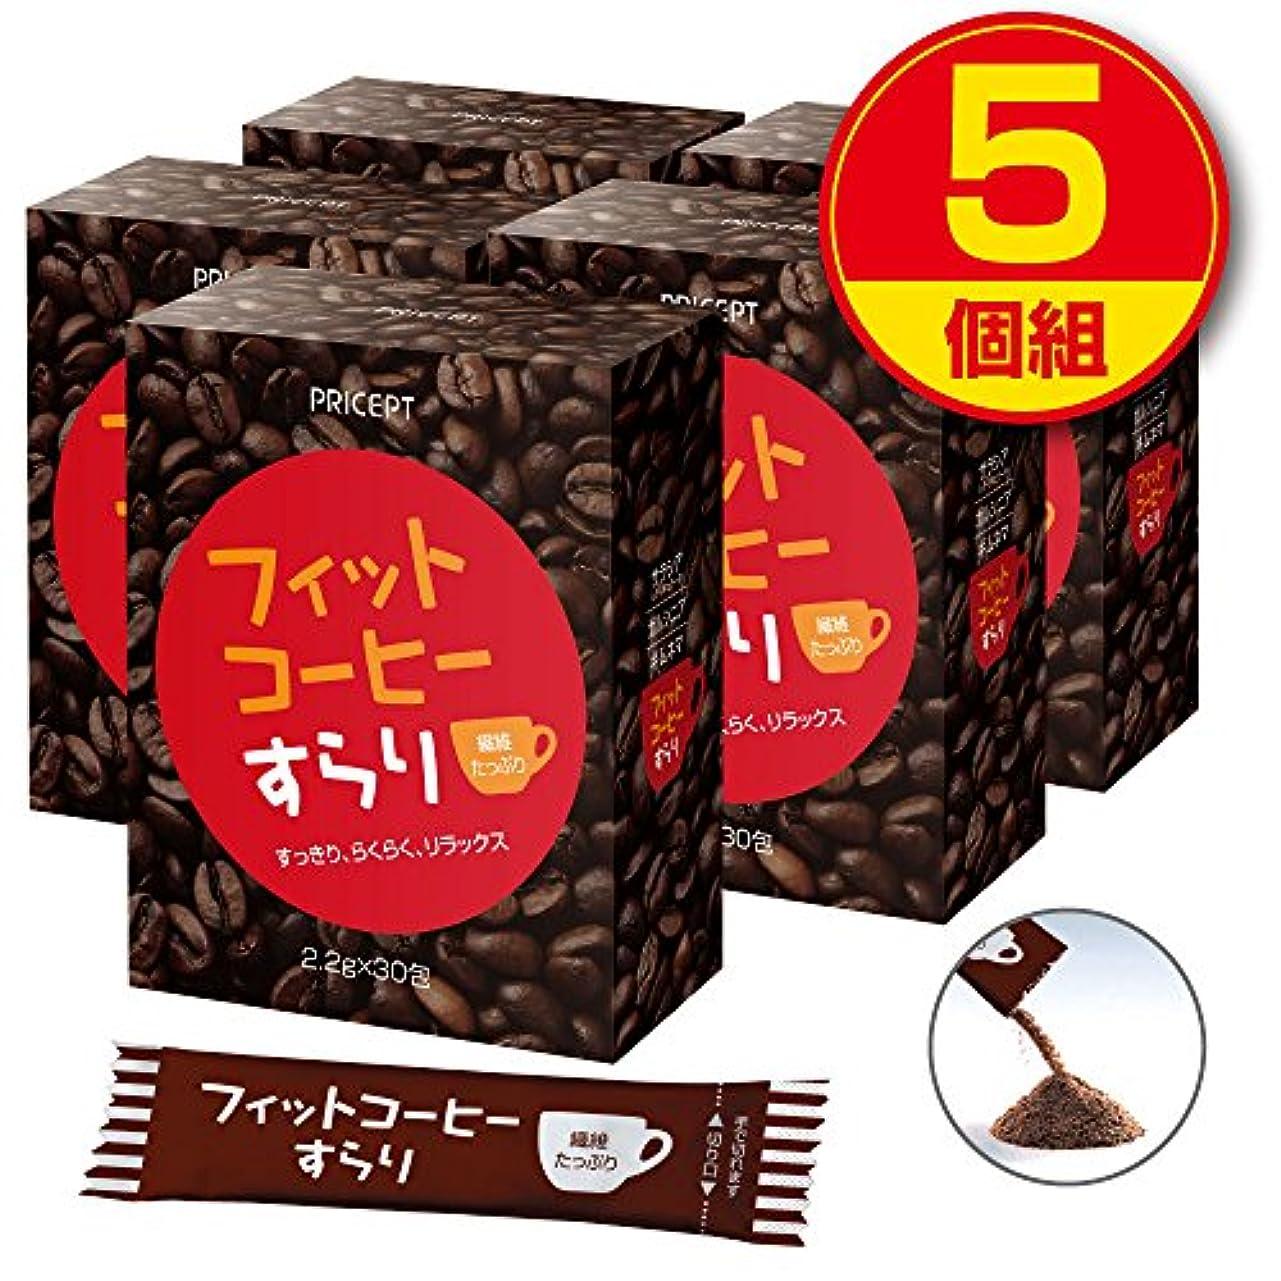 売る外出初期のプリセプト フィットコーヒーすらり 30包【5個組(150包)】(ダイエットサポートコーヒー)